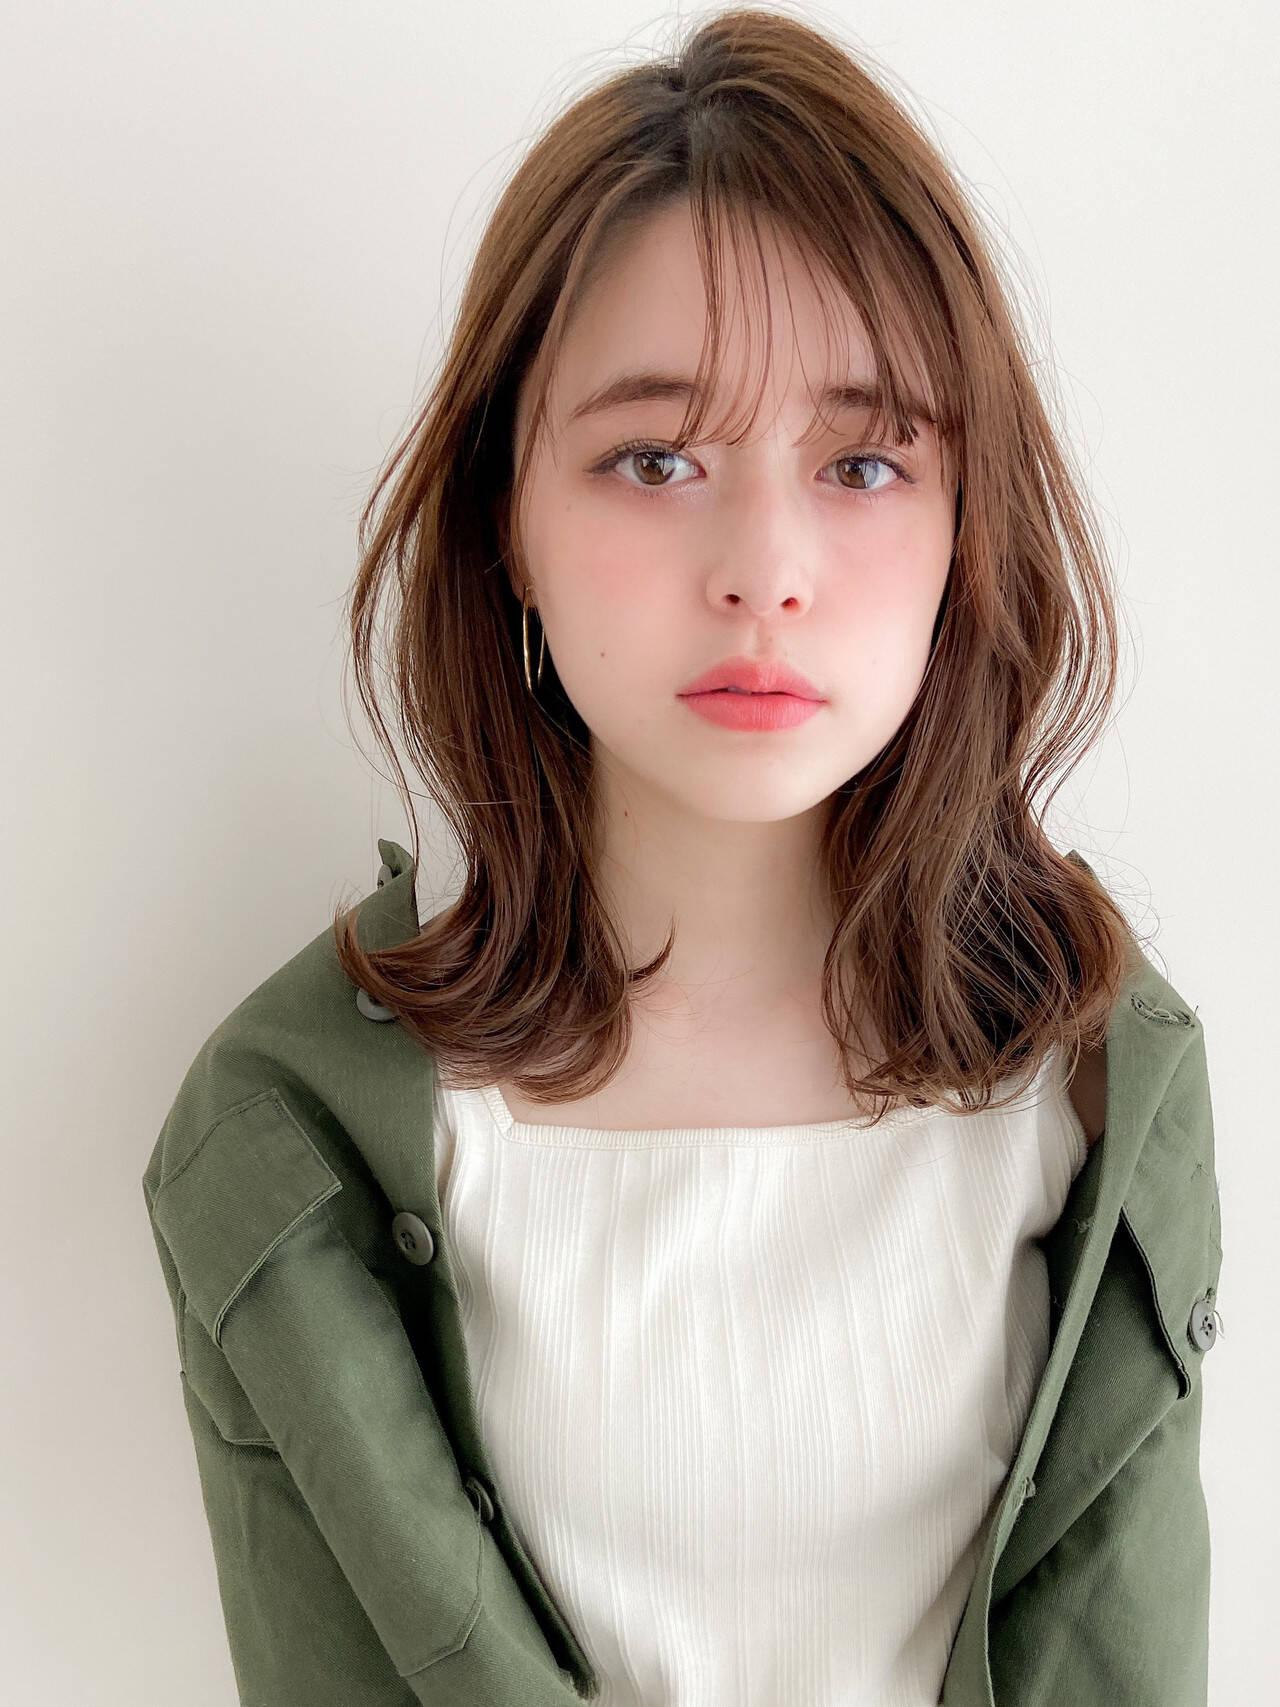 デジタルパーマ ミディアム アンニュイほつれヘア デートヘアヘアスタイルや髪型の写真・画像